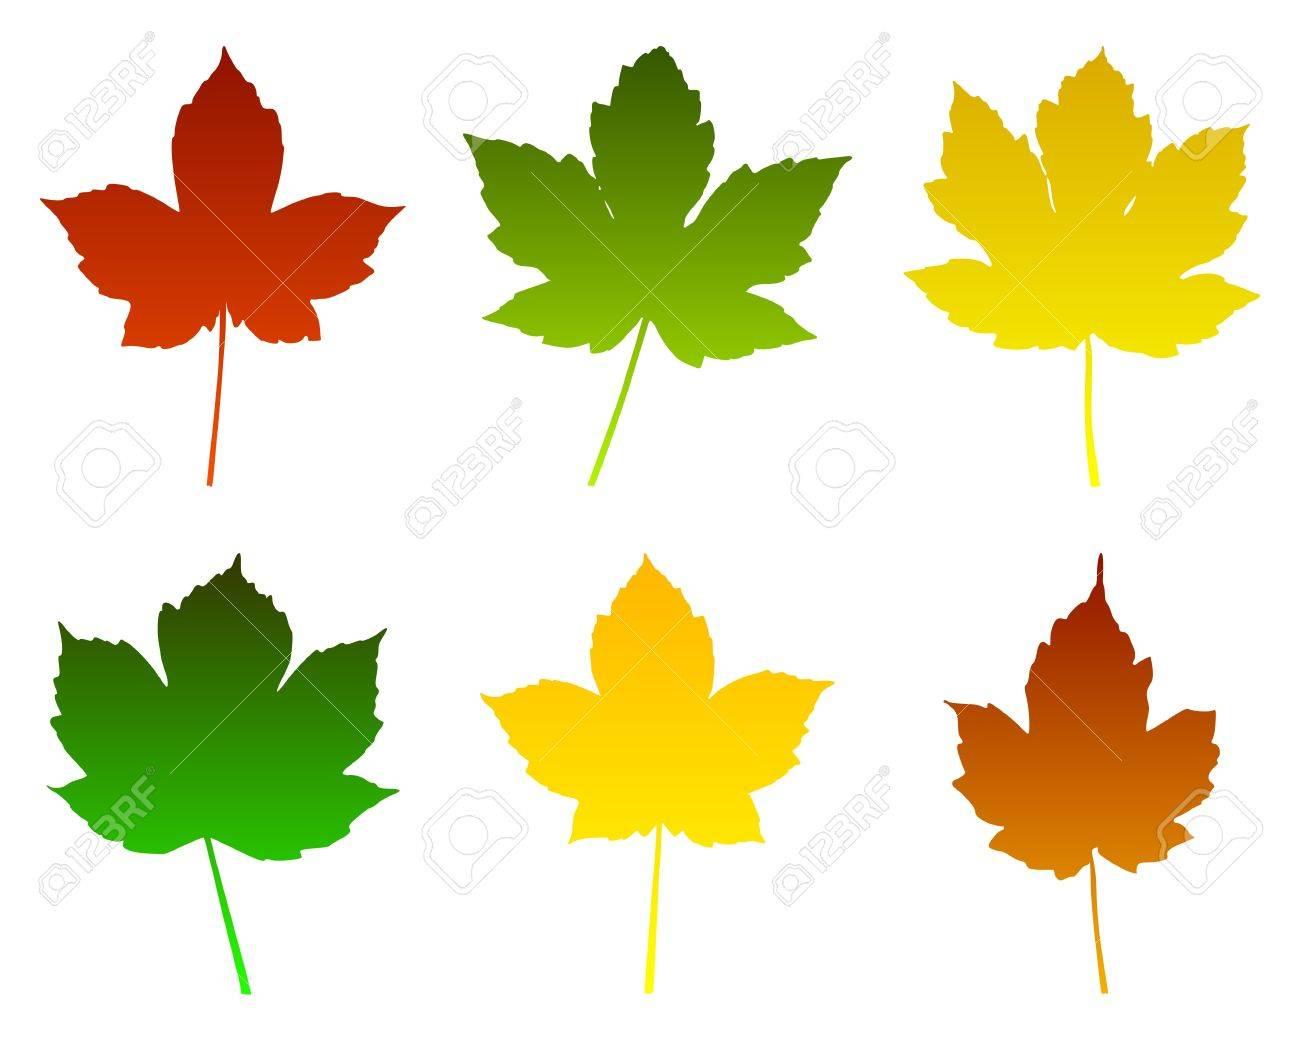 Maple leaves - 9941186